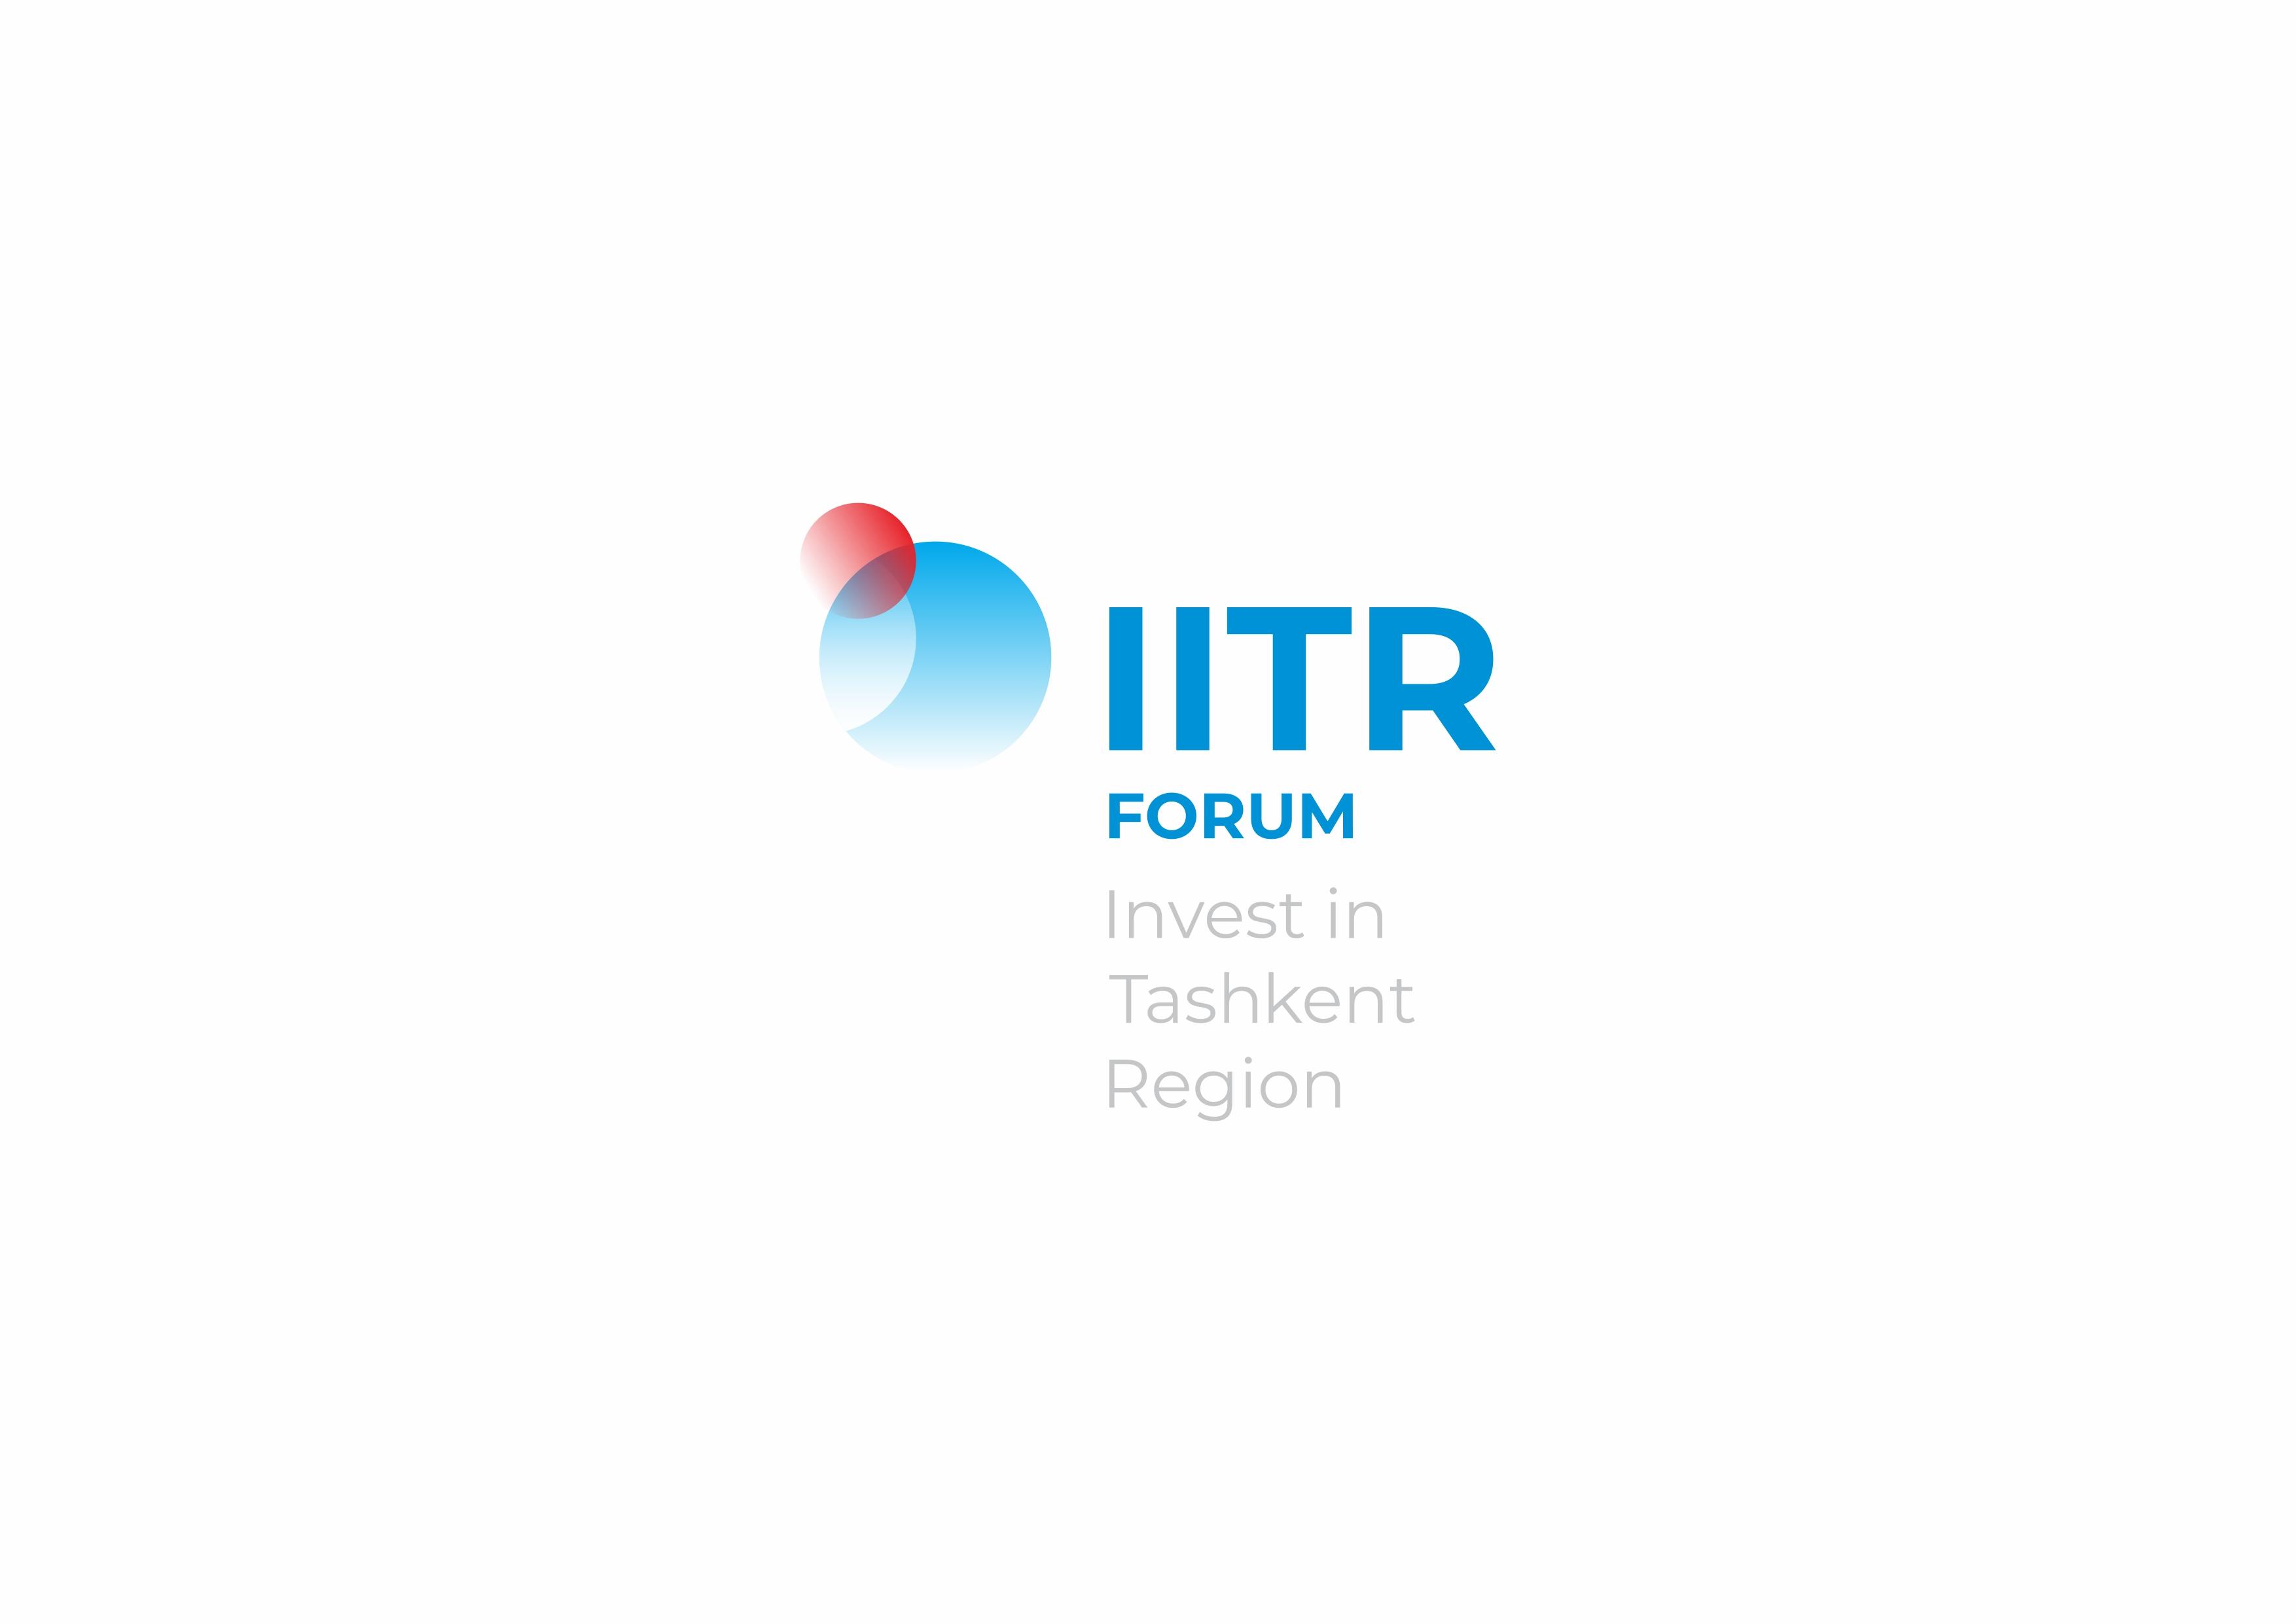 """Международный инвестиционный форум """"Invest in Tashkent region"""" пройдет в Нурафшоне"""